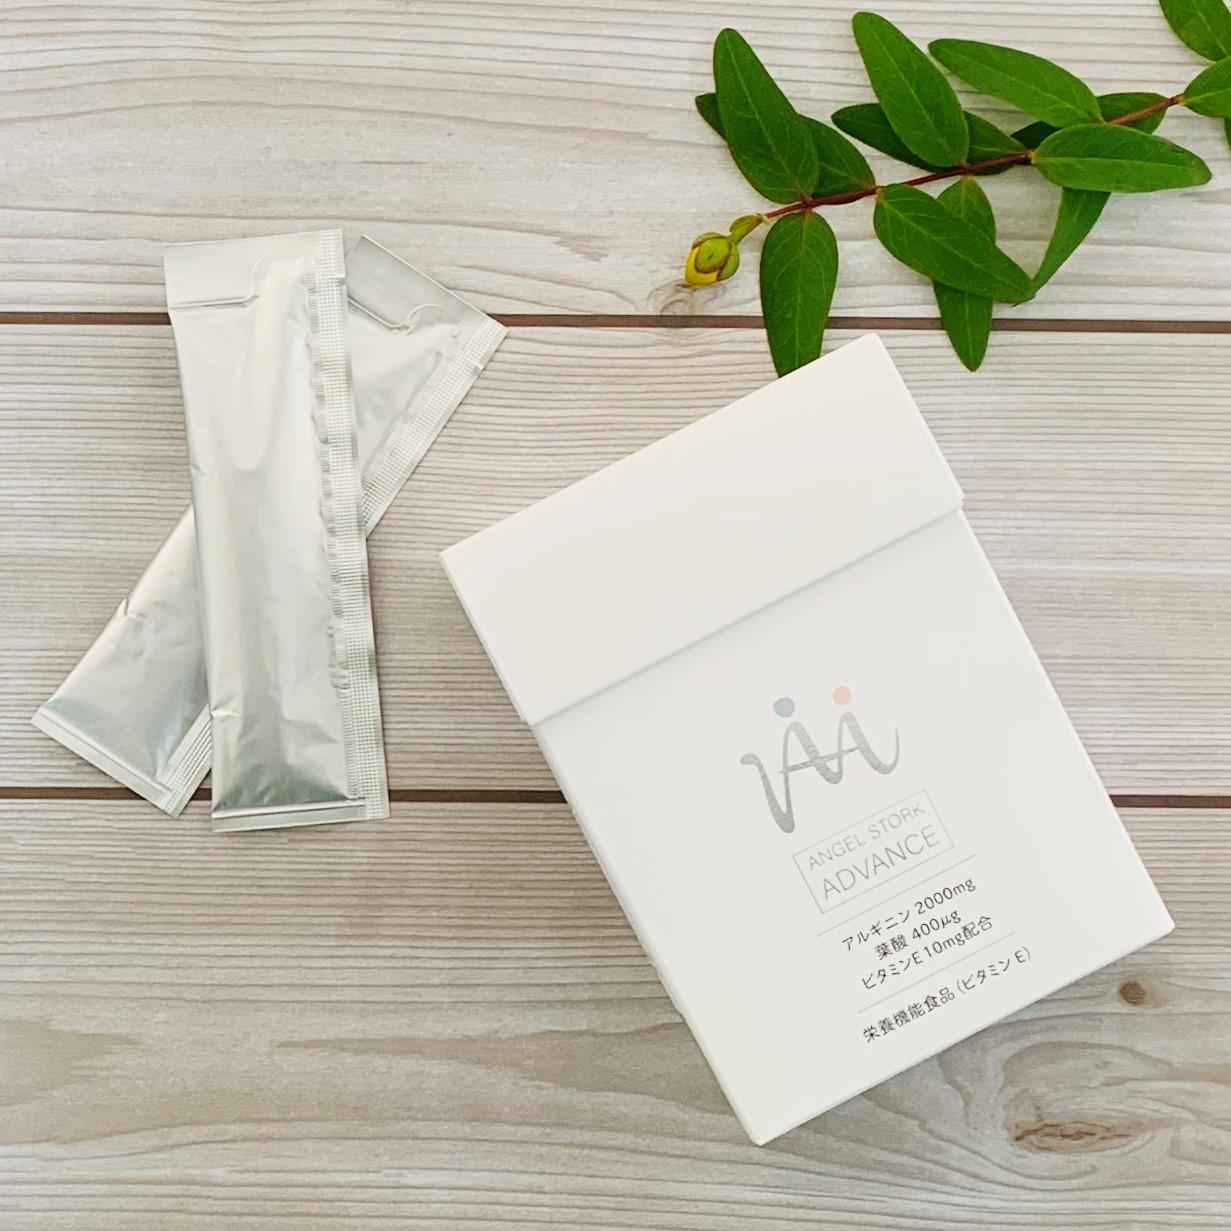 本格的な妊活をサポートするアルギニン・葉酸サプリメント「エンゼルストークADVANCE」を新発売